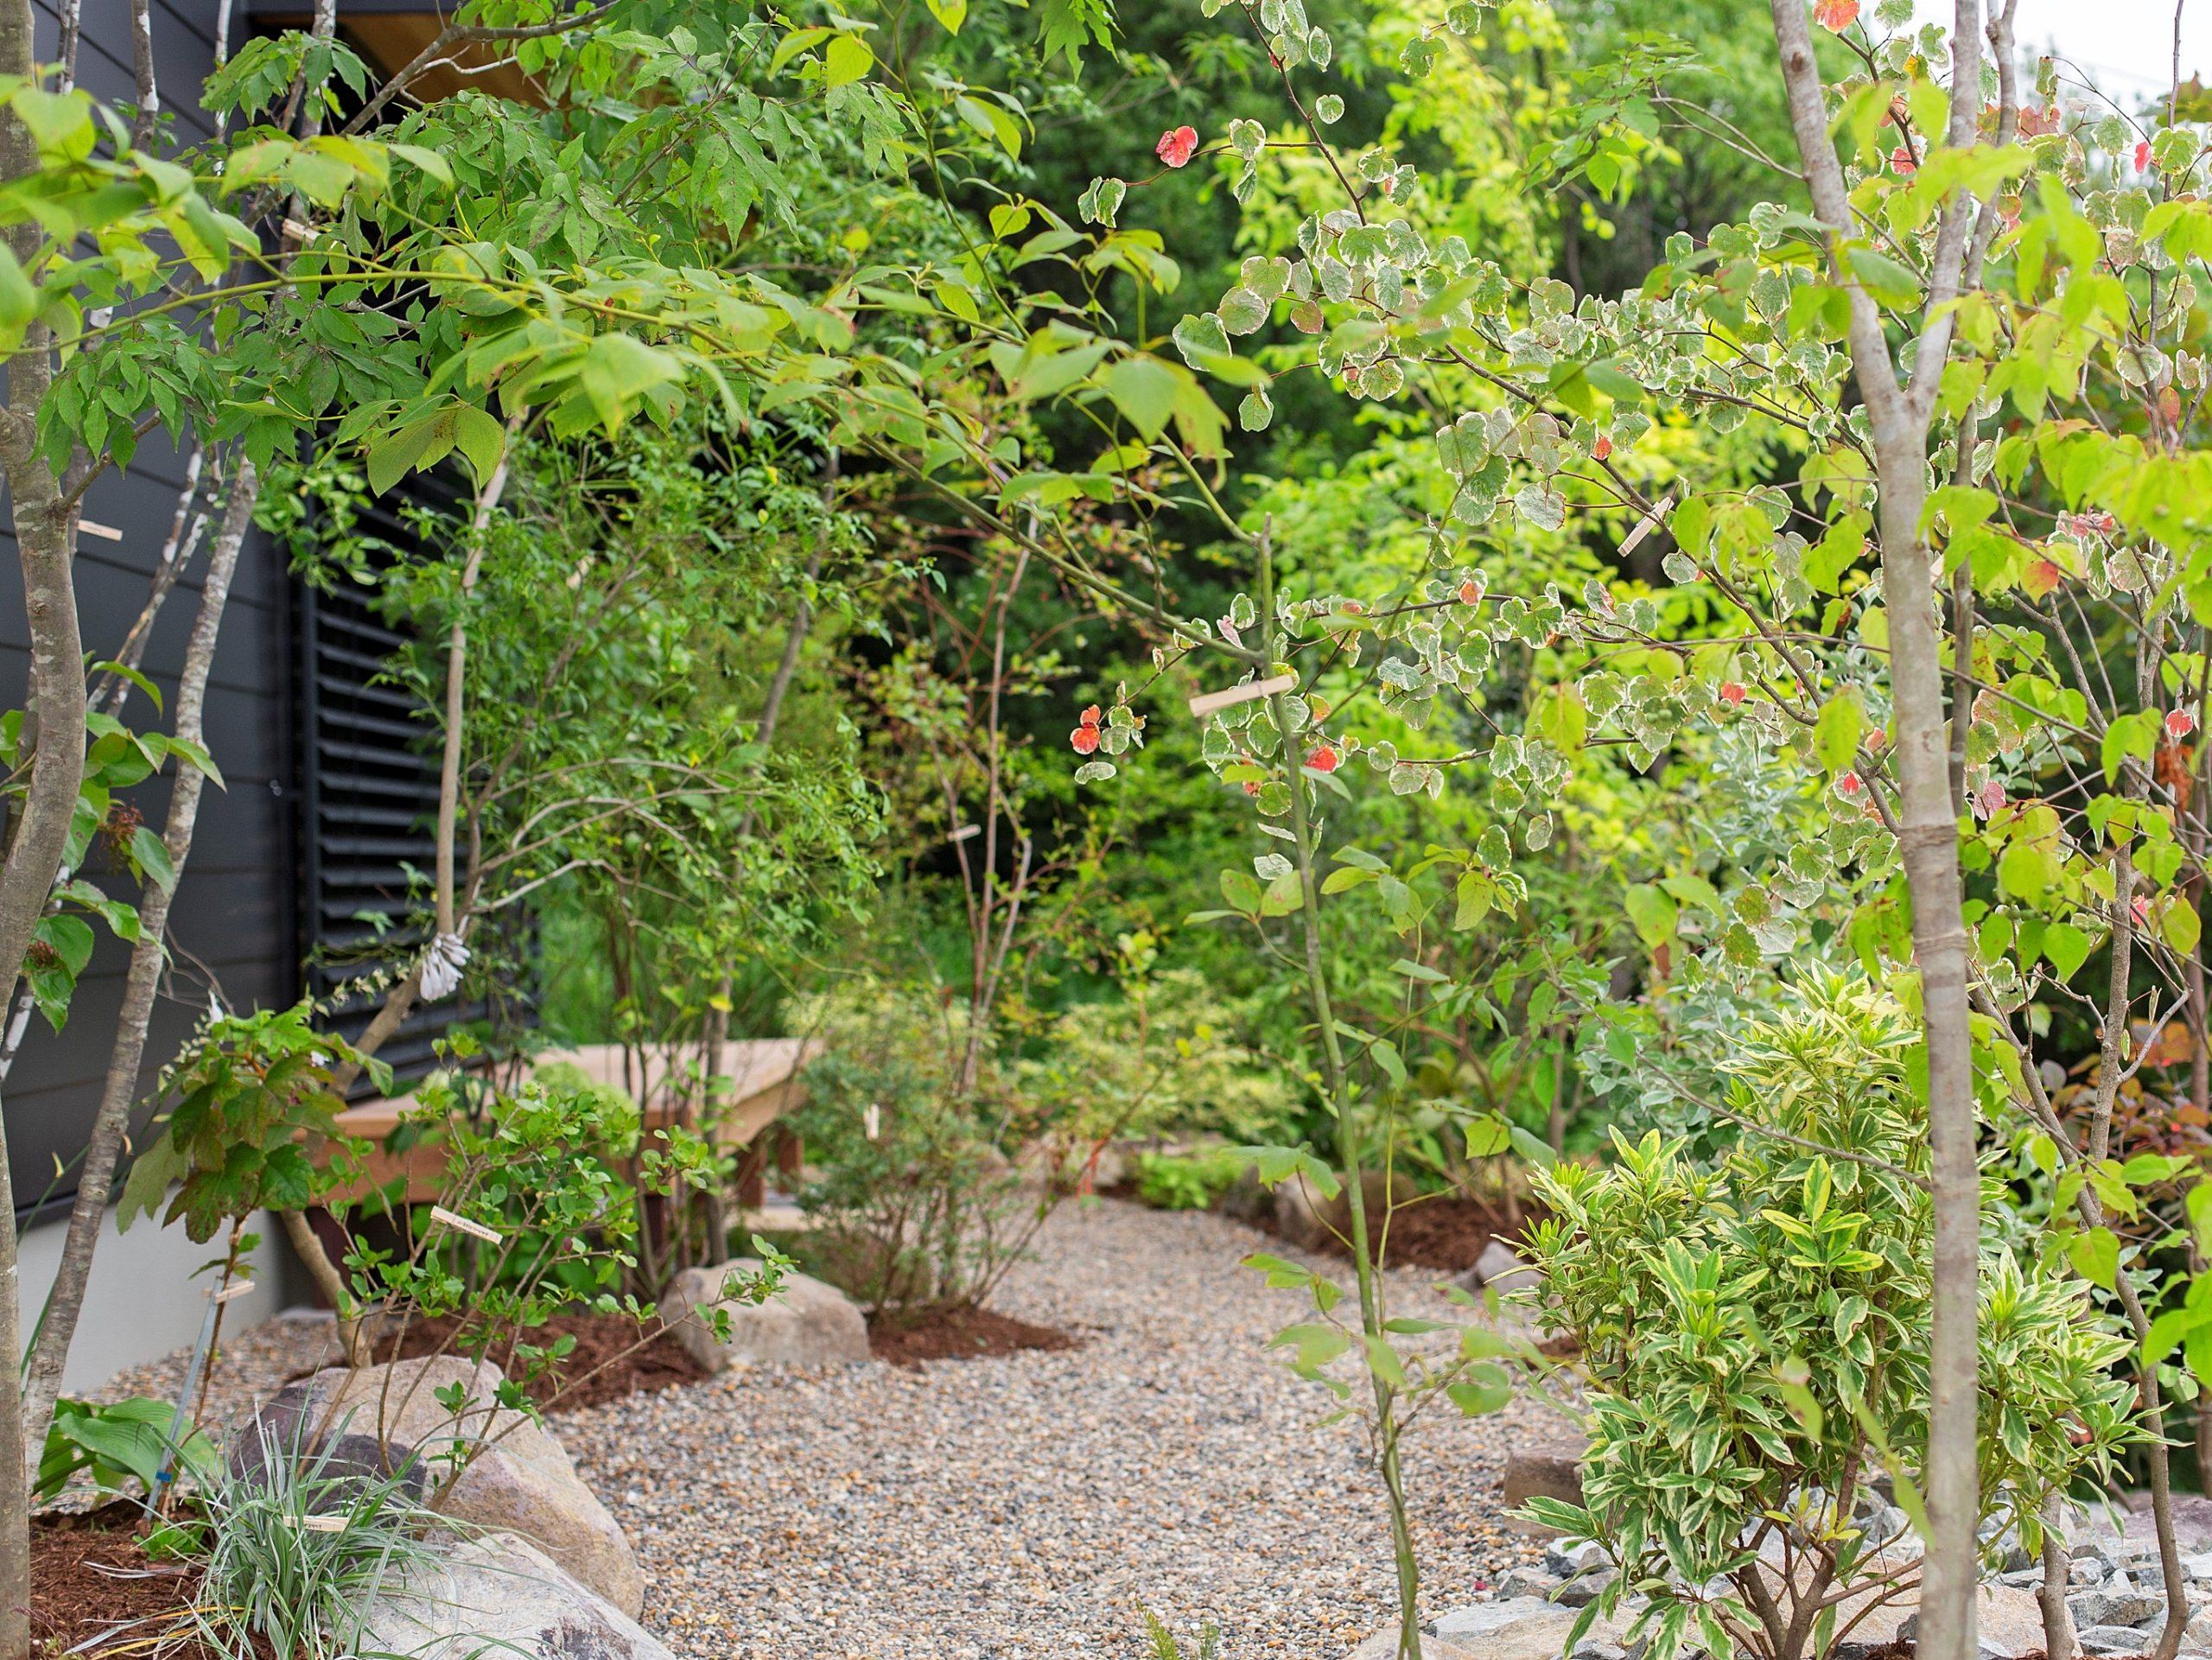 1階の大きな窓の前にウッドデッキを設けて庭を楽しむ。外付けのブラインドで日射をコントロールし、快適に過ごす。